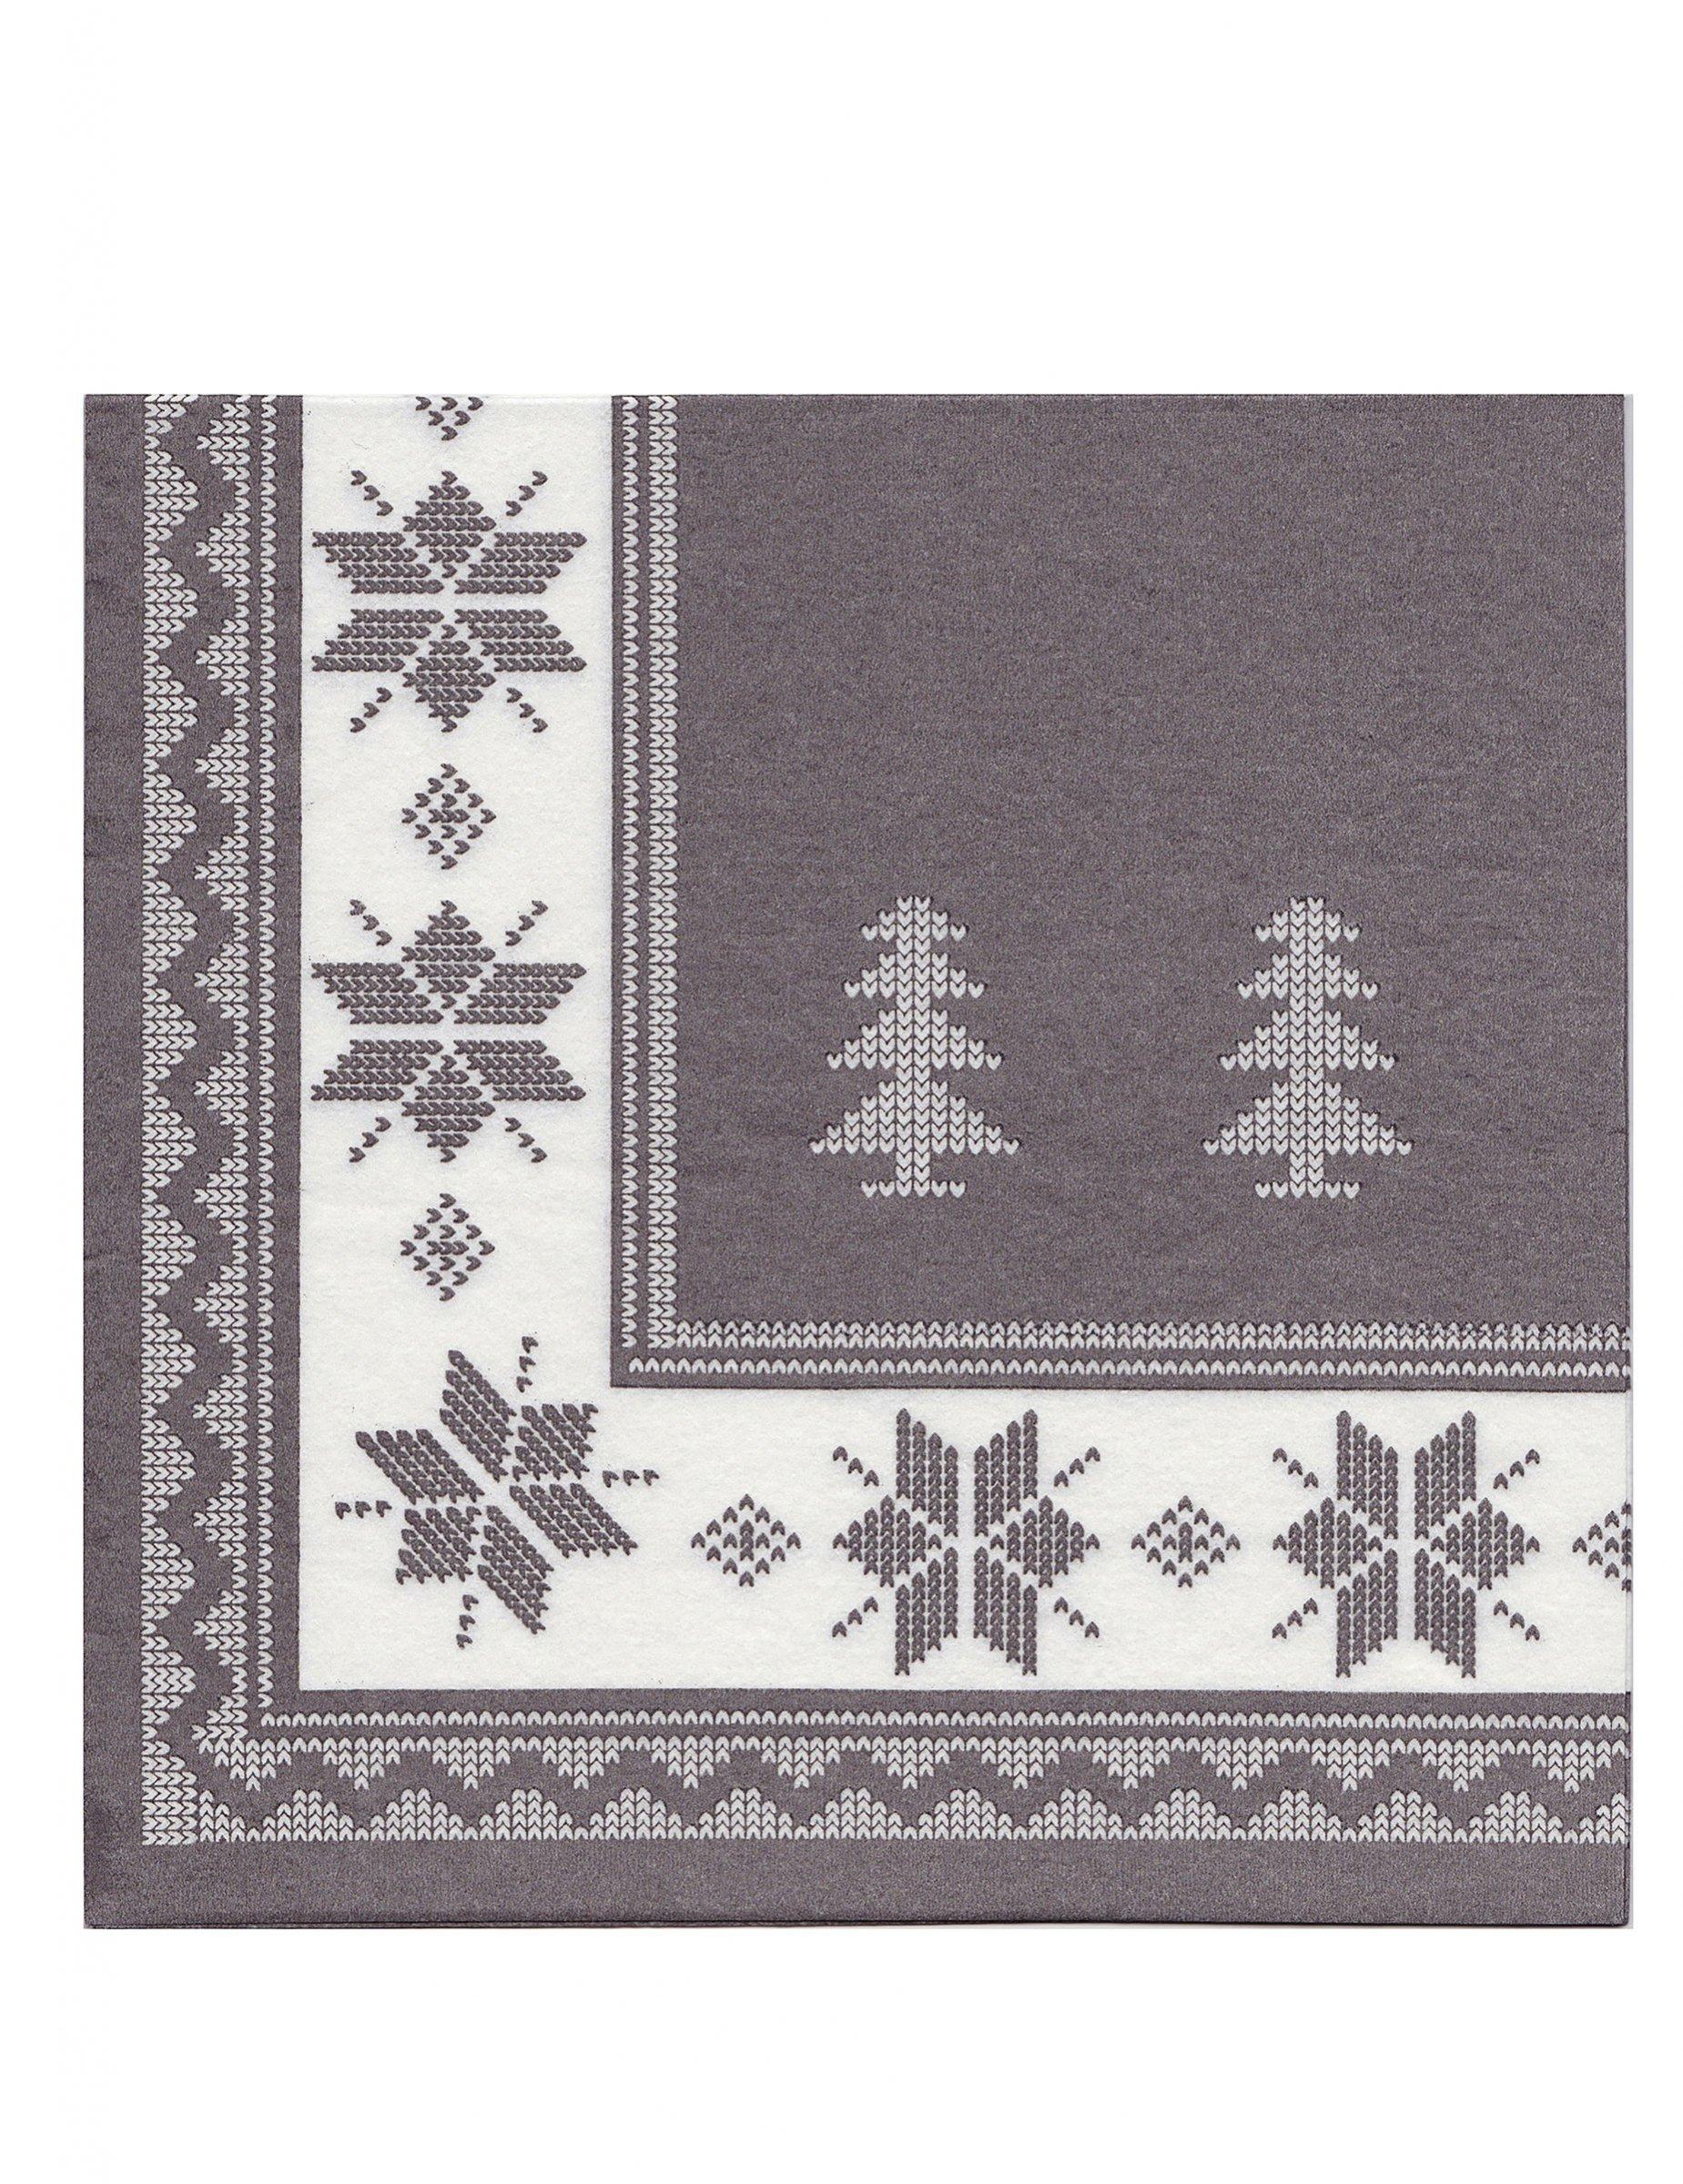 12 serviettes en papier intiss premium taupe 40 x 40 cm d coration anniversaire et f tes. Black Bedroom Furniture Sets. Home Design Ideas